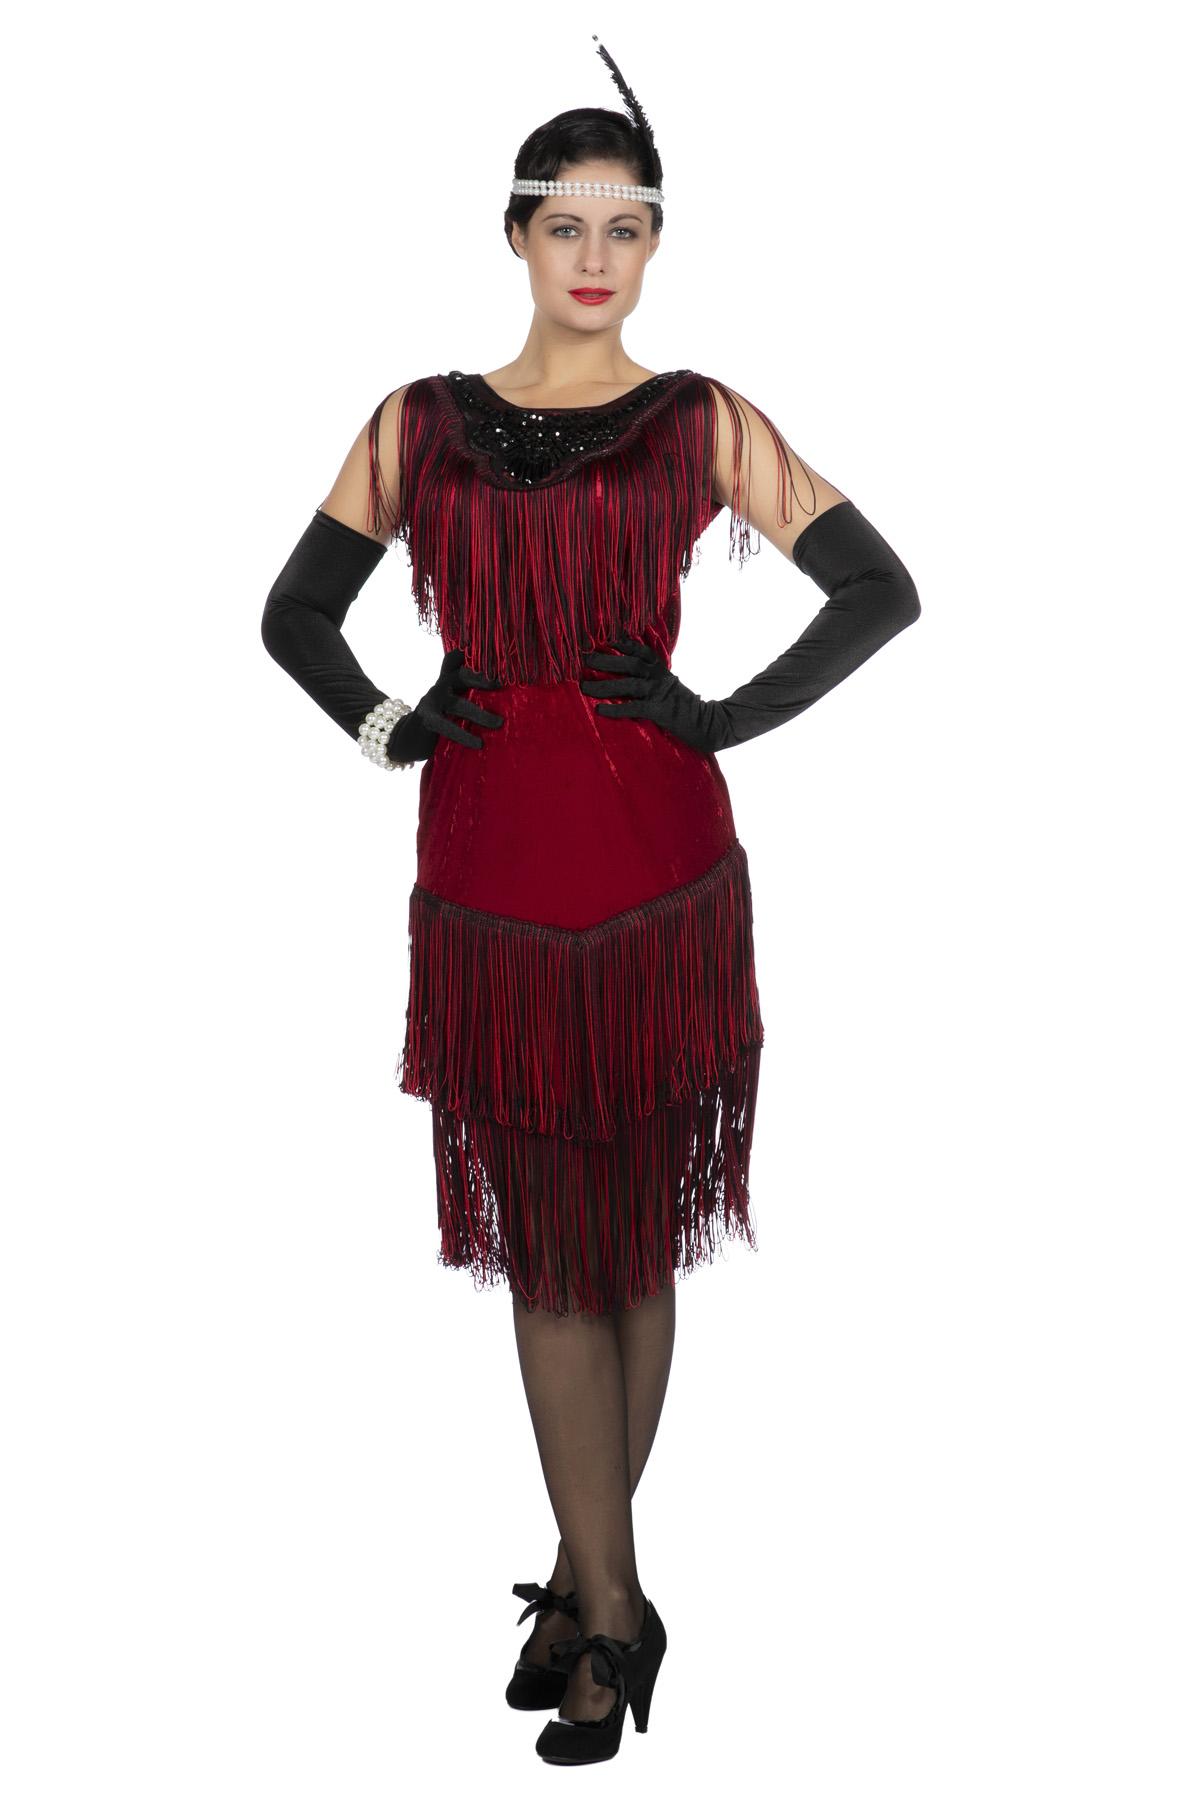 Charleston-Kleid Ruby 13er Jahre  Party Schlaudt GmbH  Kostüme  Deko   Stoffe